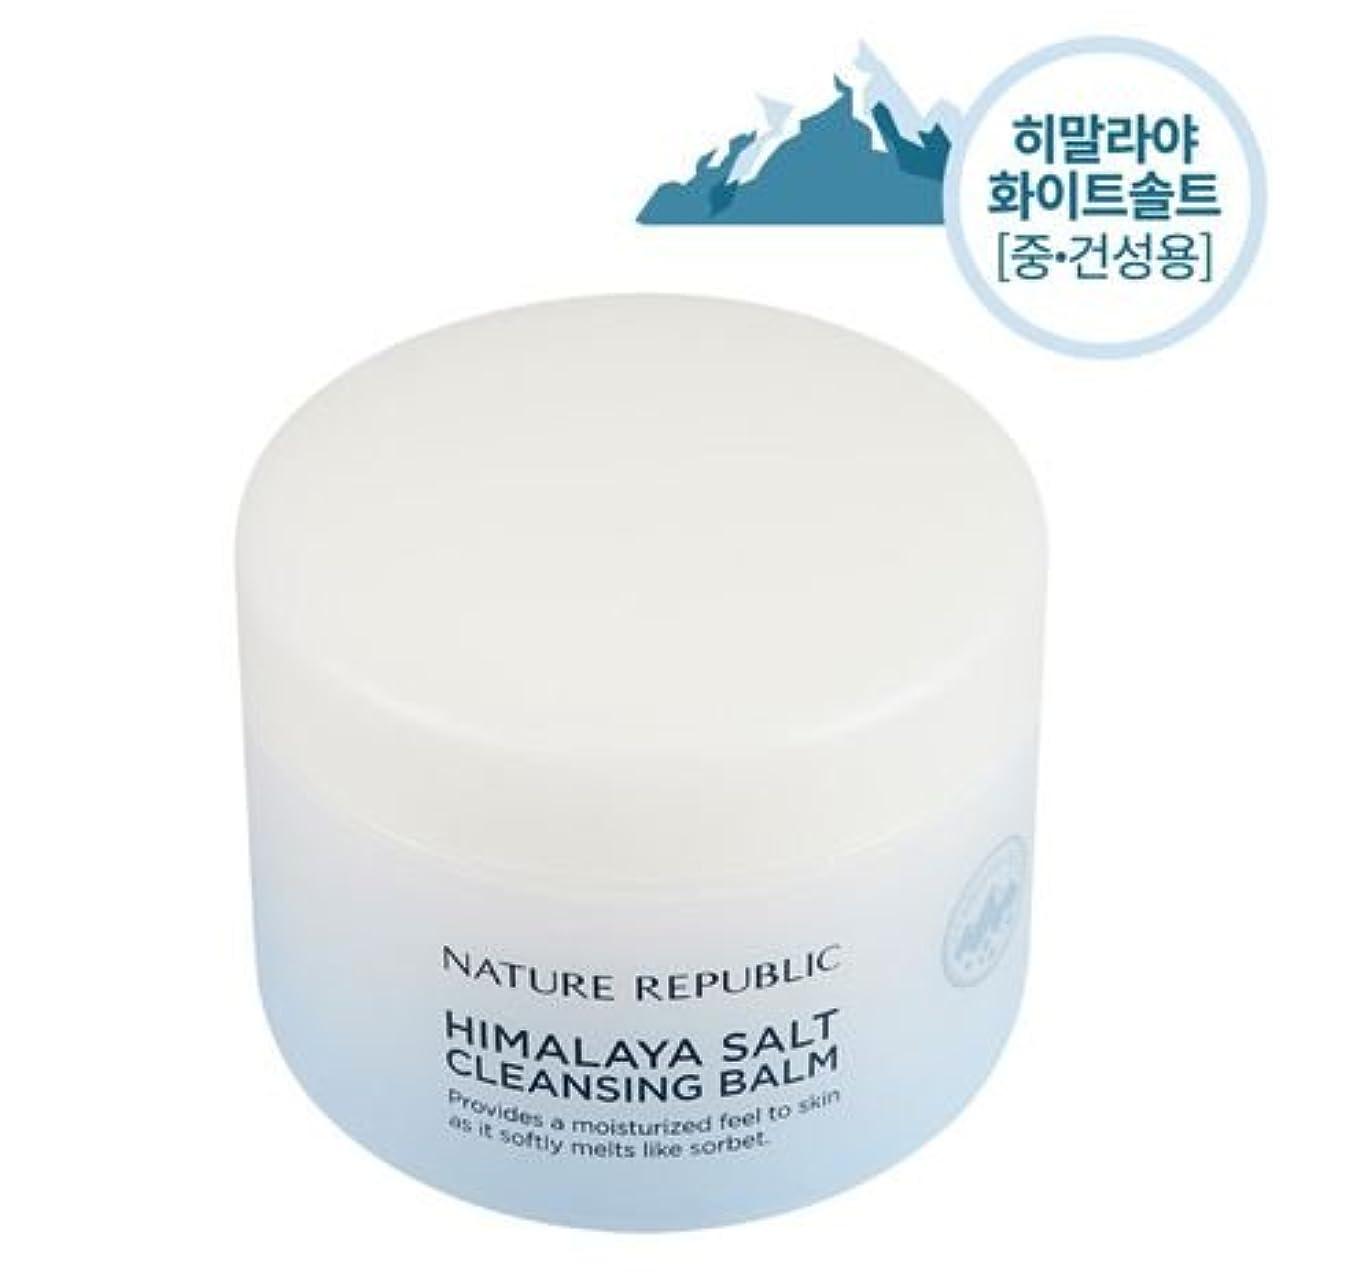 患者アグネスグレイ王朝NATURE REPUBLIC Himalaya salt cleansing balm (white salt)ヒマラヤソルトクレンジングバーム(white salt) [並行輸入品]